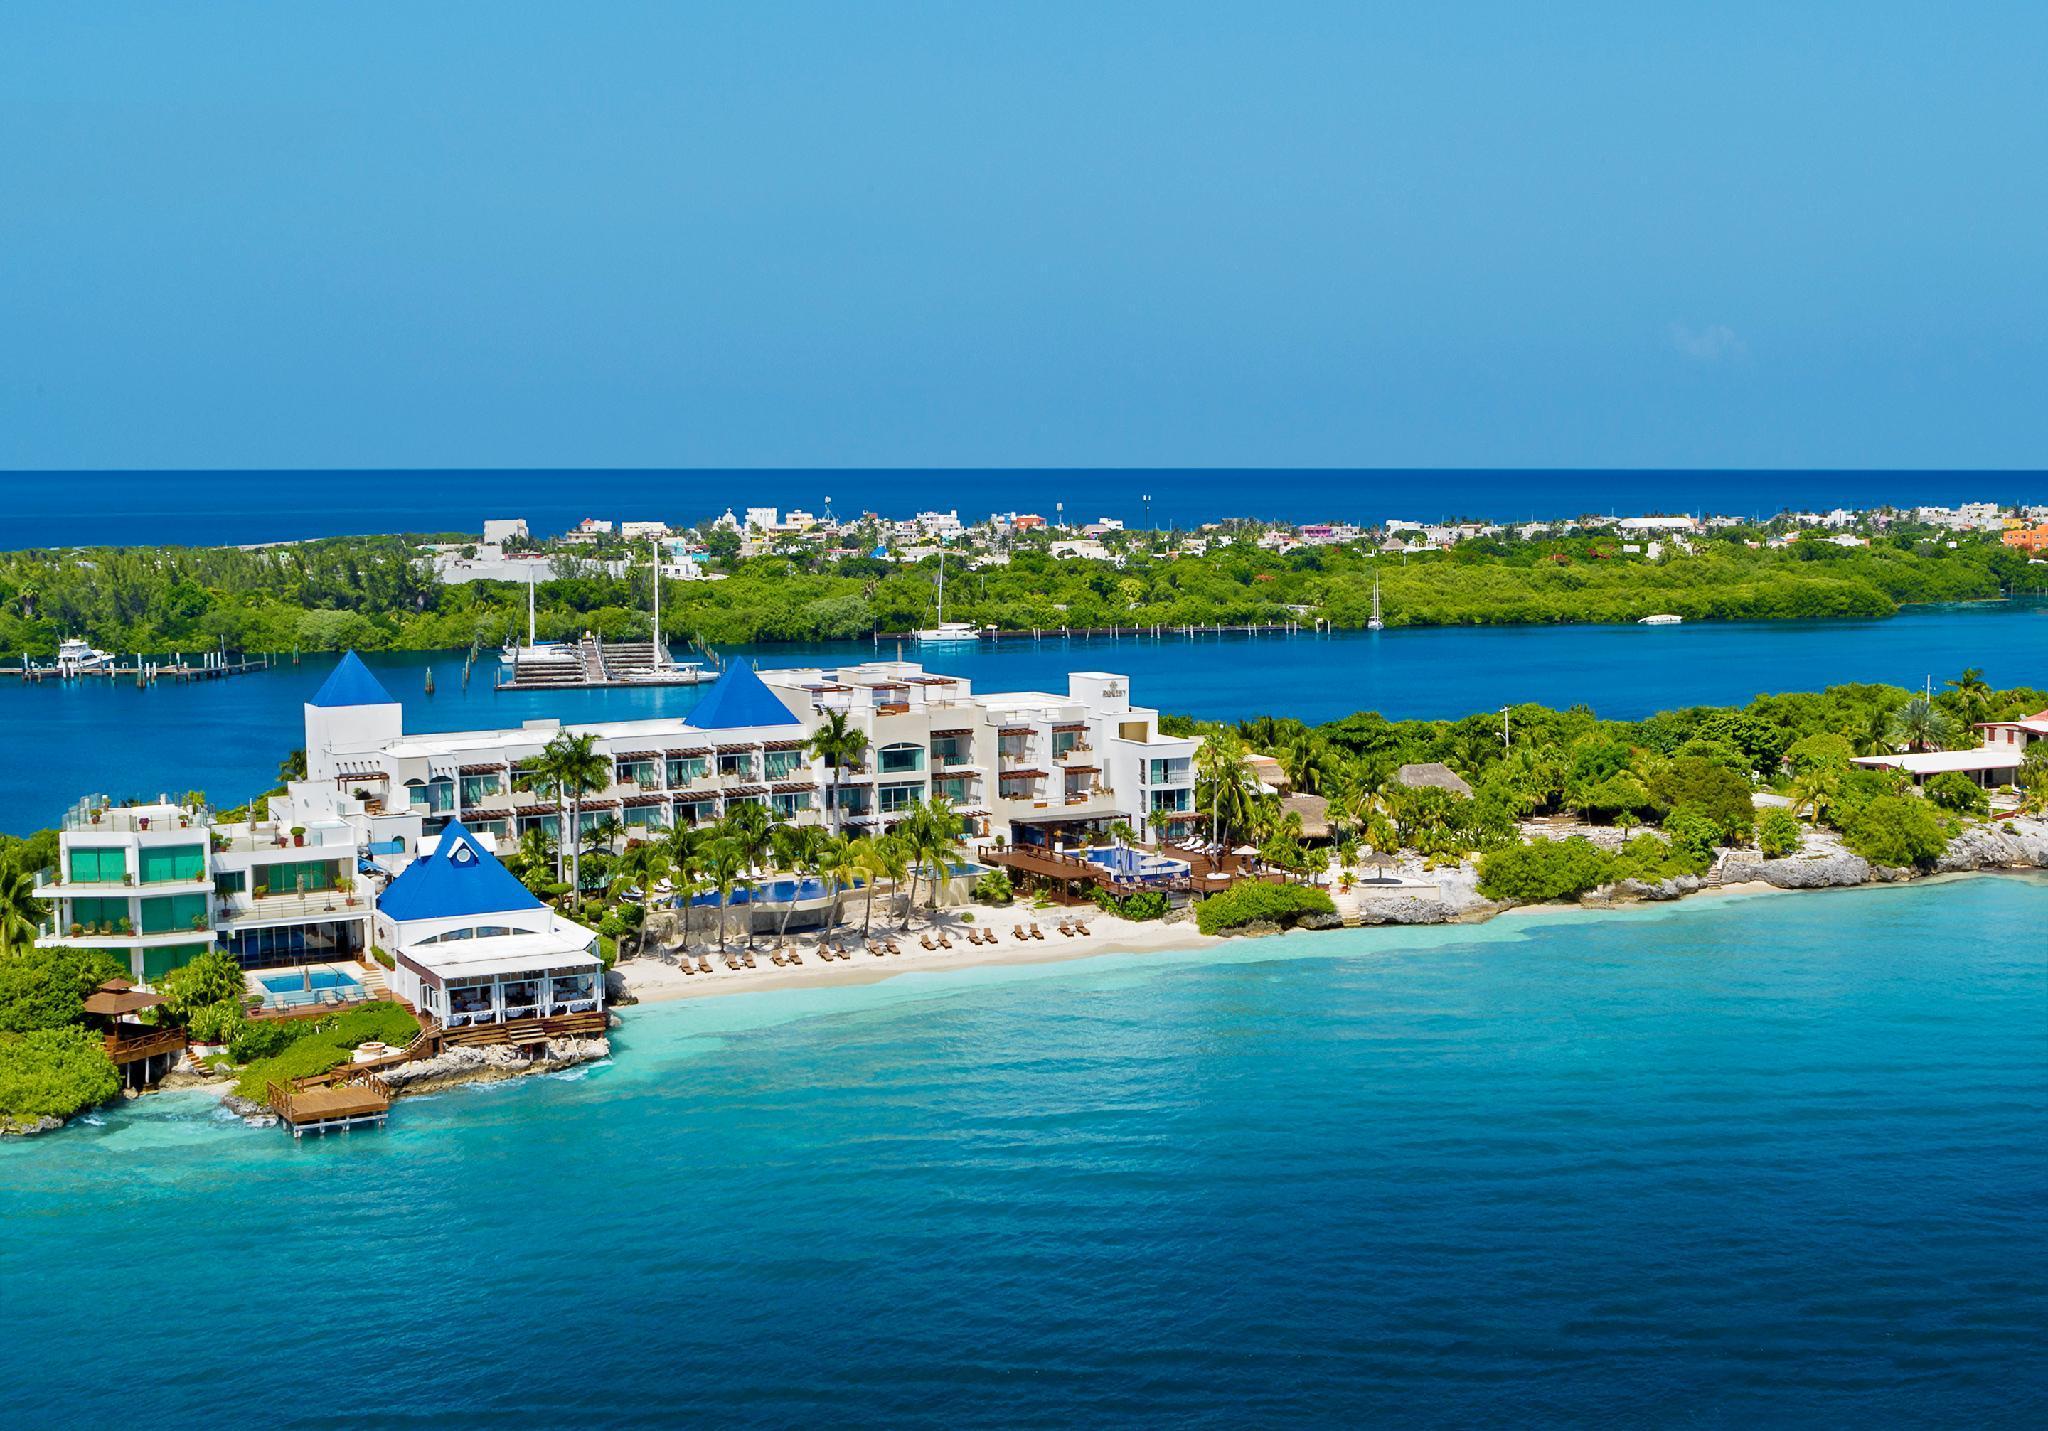 Zoetry Villa Rolandi Isla Mujeres Cancun All Inclusive